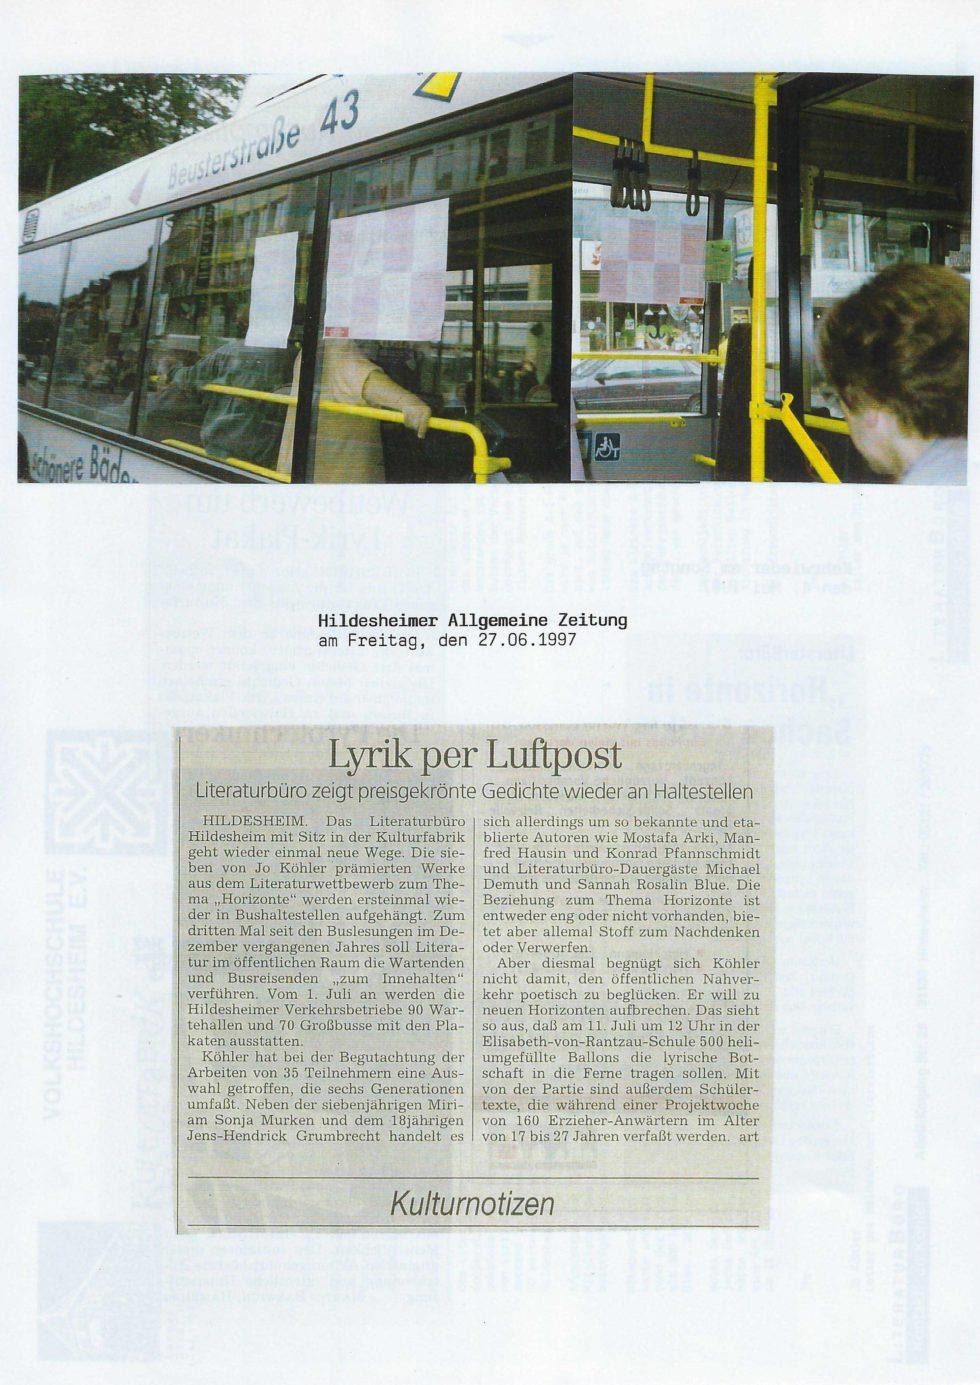 1997 Stift.Lesen, Lit.Tour, Lasker-Wallfisch_Seite_37